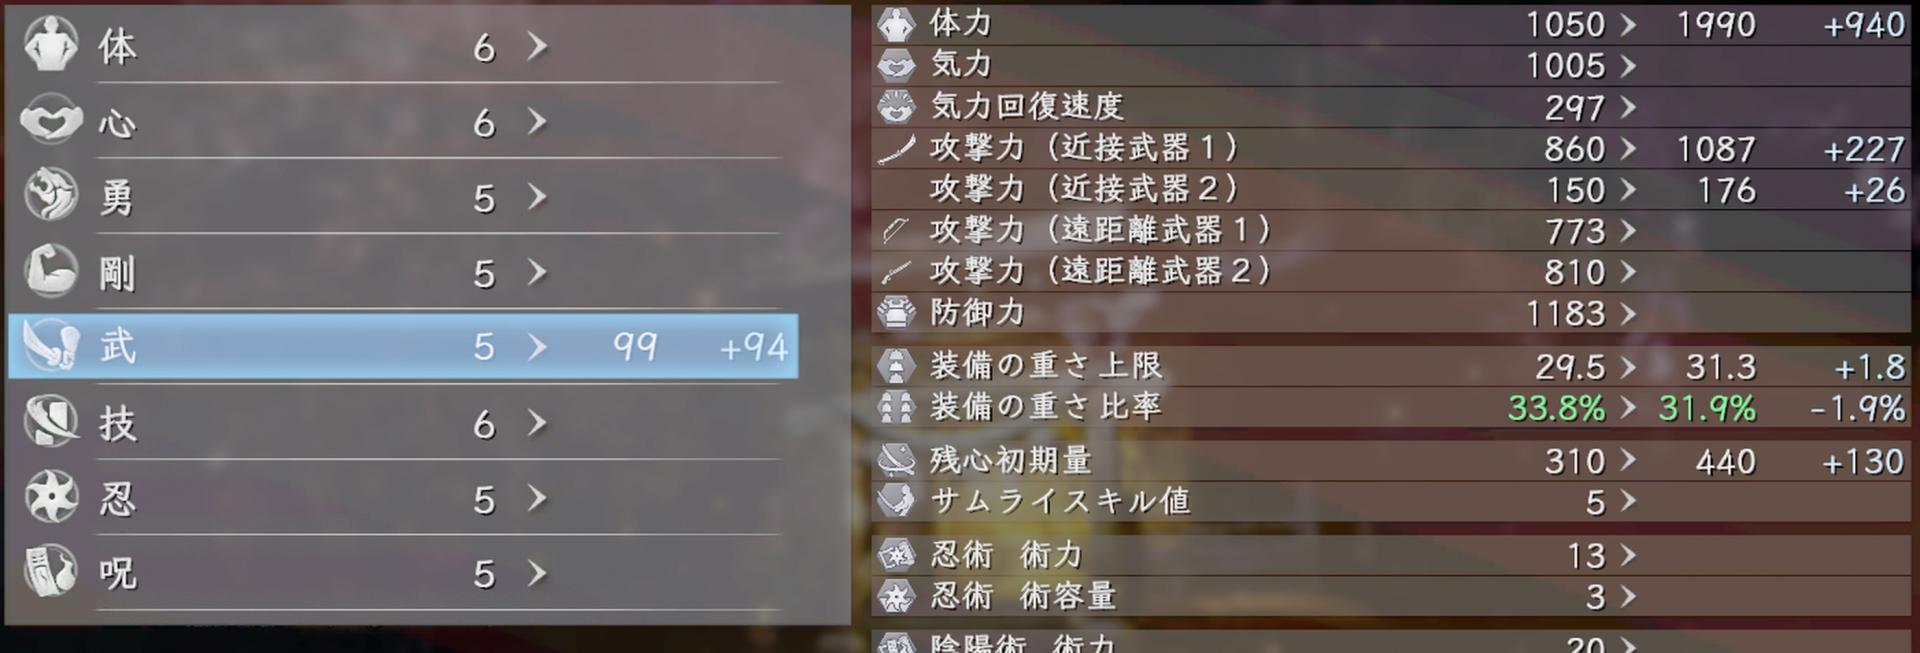 仁王 2 忍者 スキル